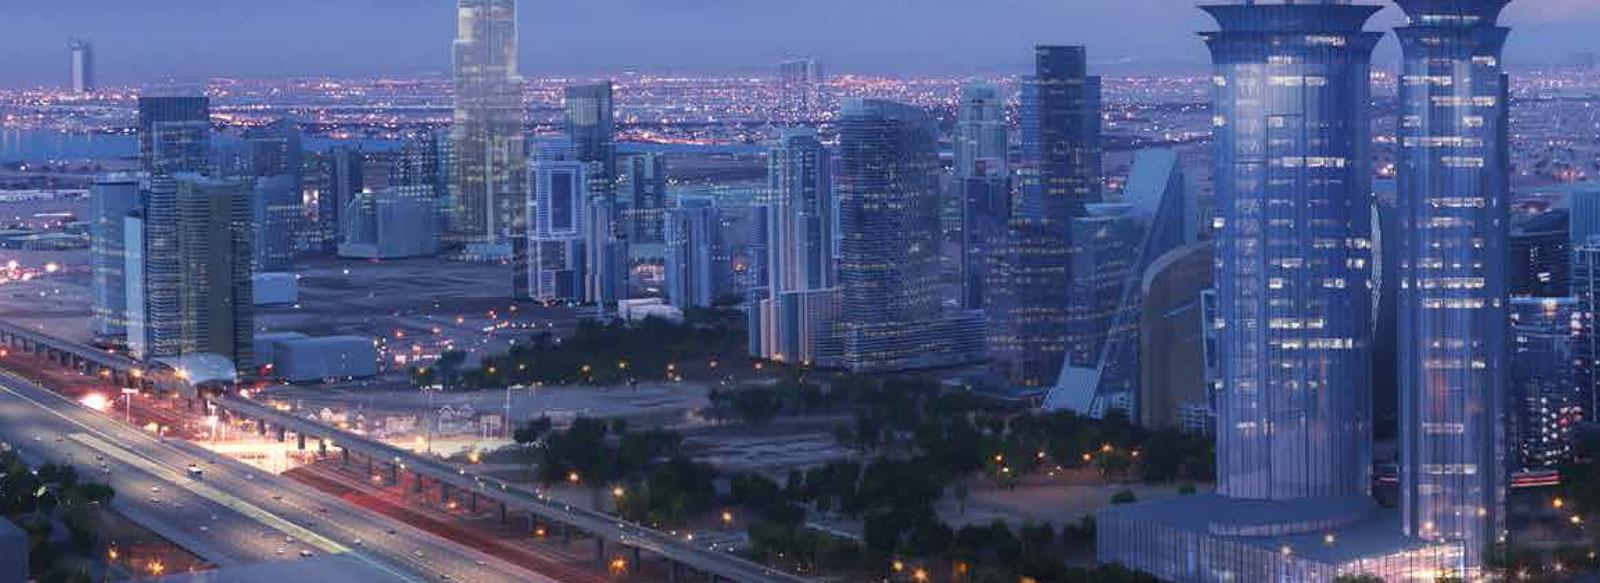 Meera Tower at Al Habtoor City